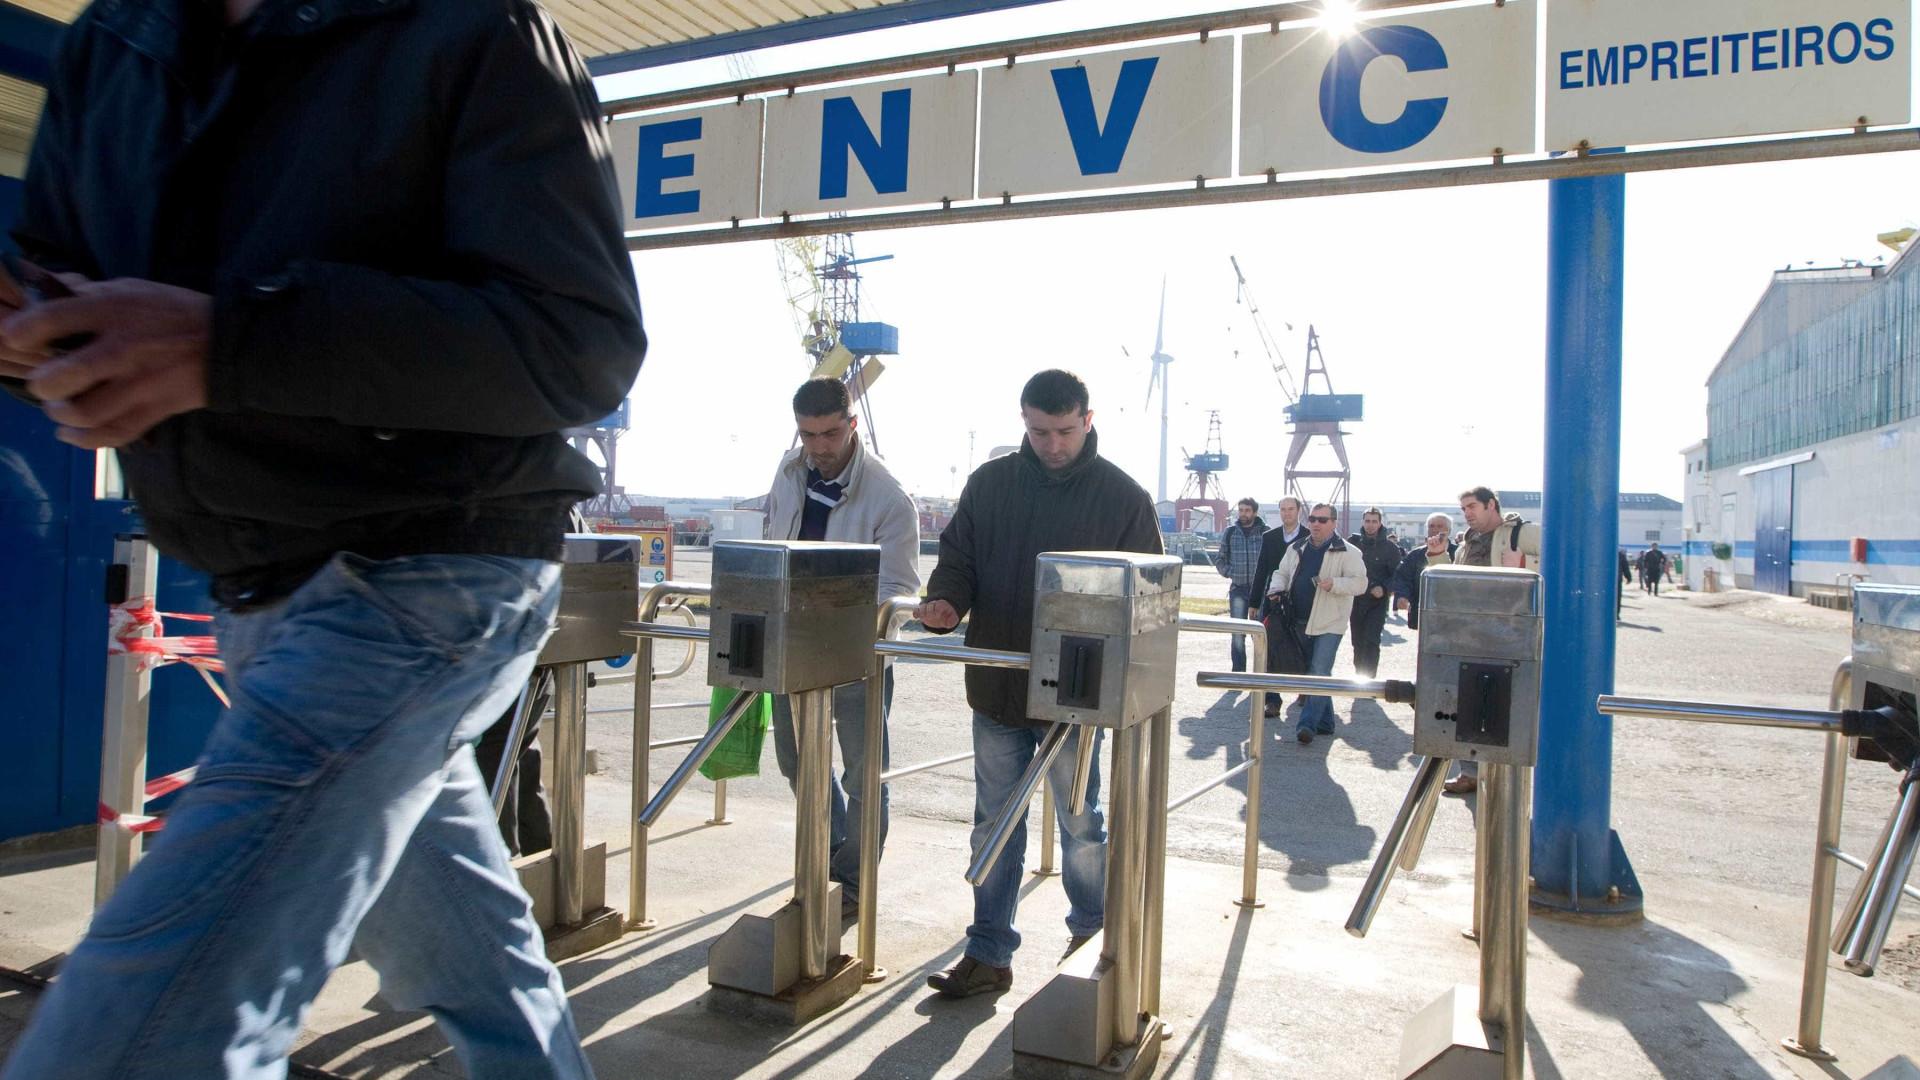 Estaleiros de Viana do Castelo vão construir dois navios híbridos em 2018